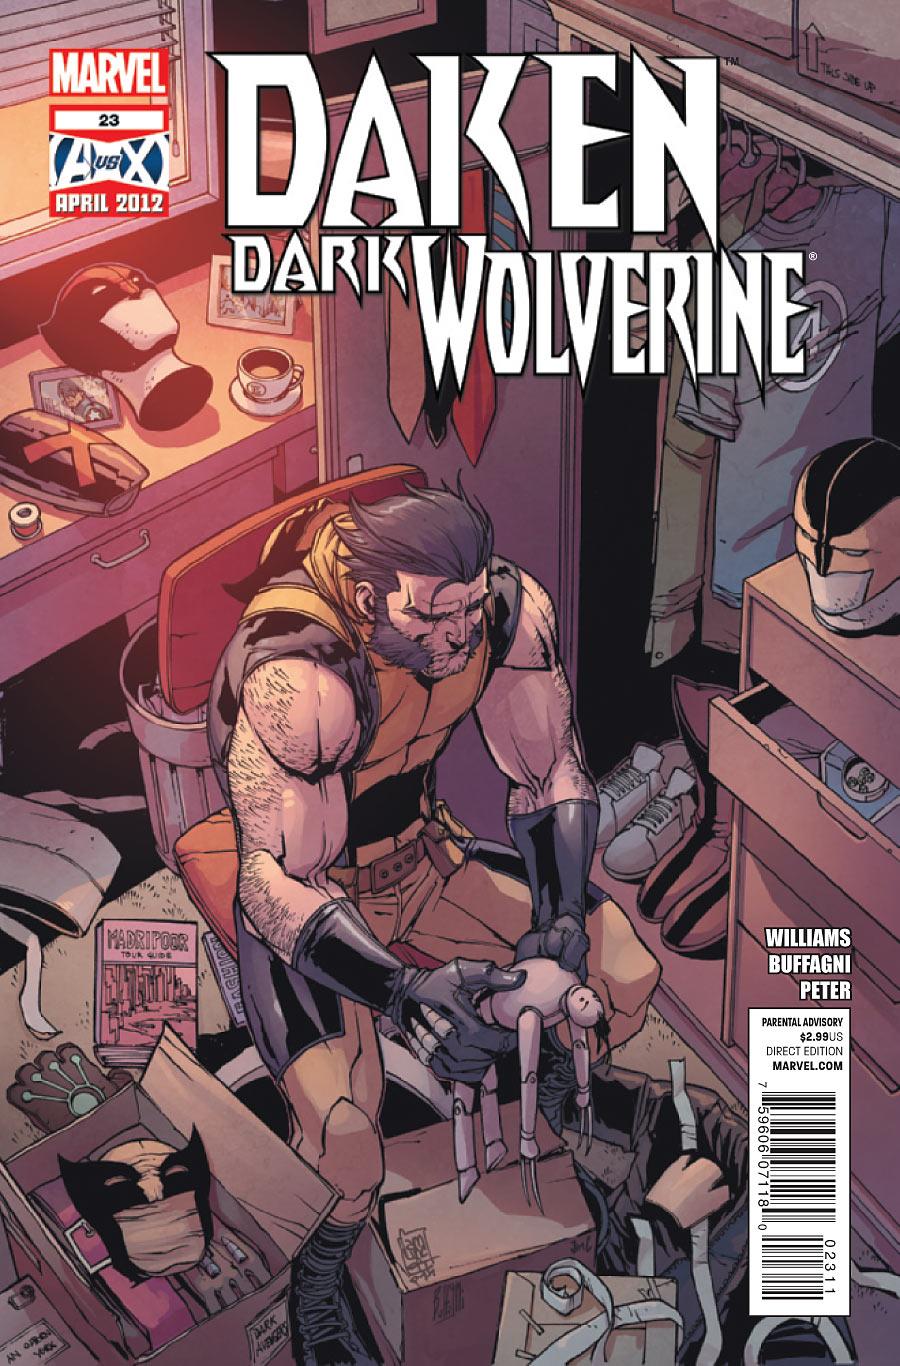 X 23 Daken Daken: Dark Wolverine ...